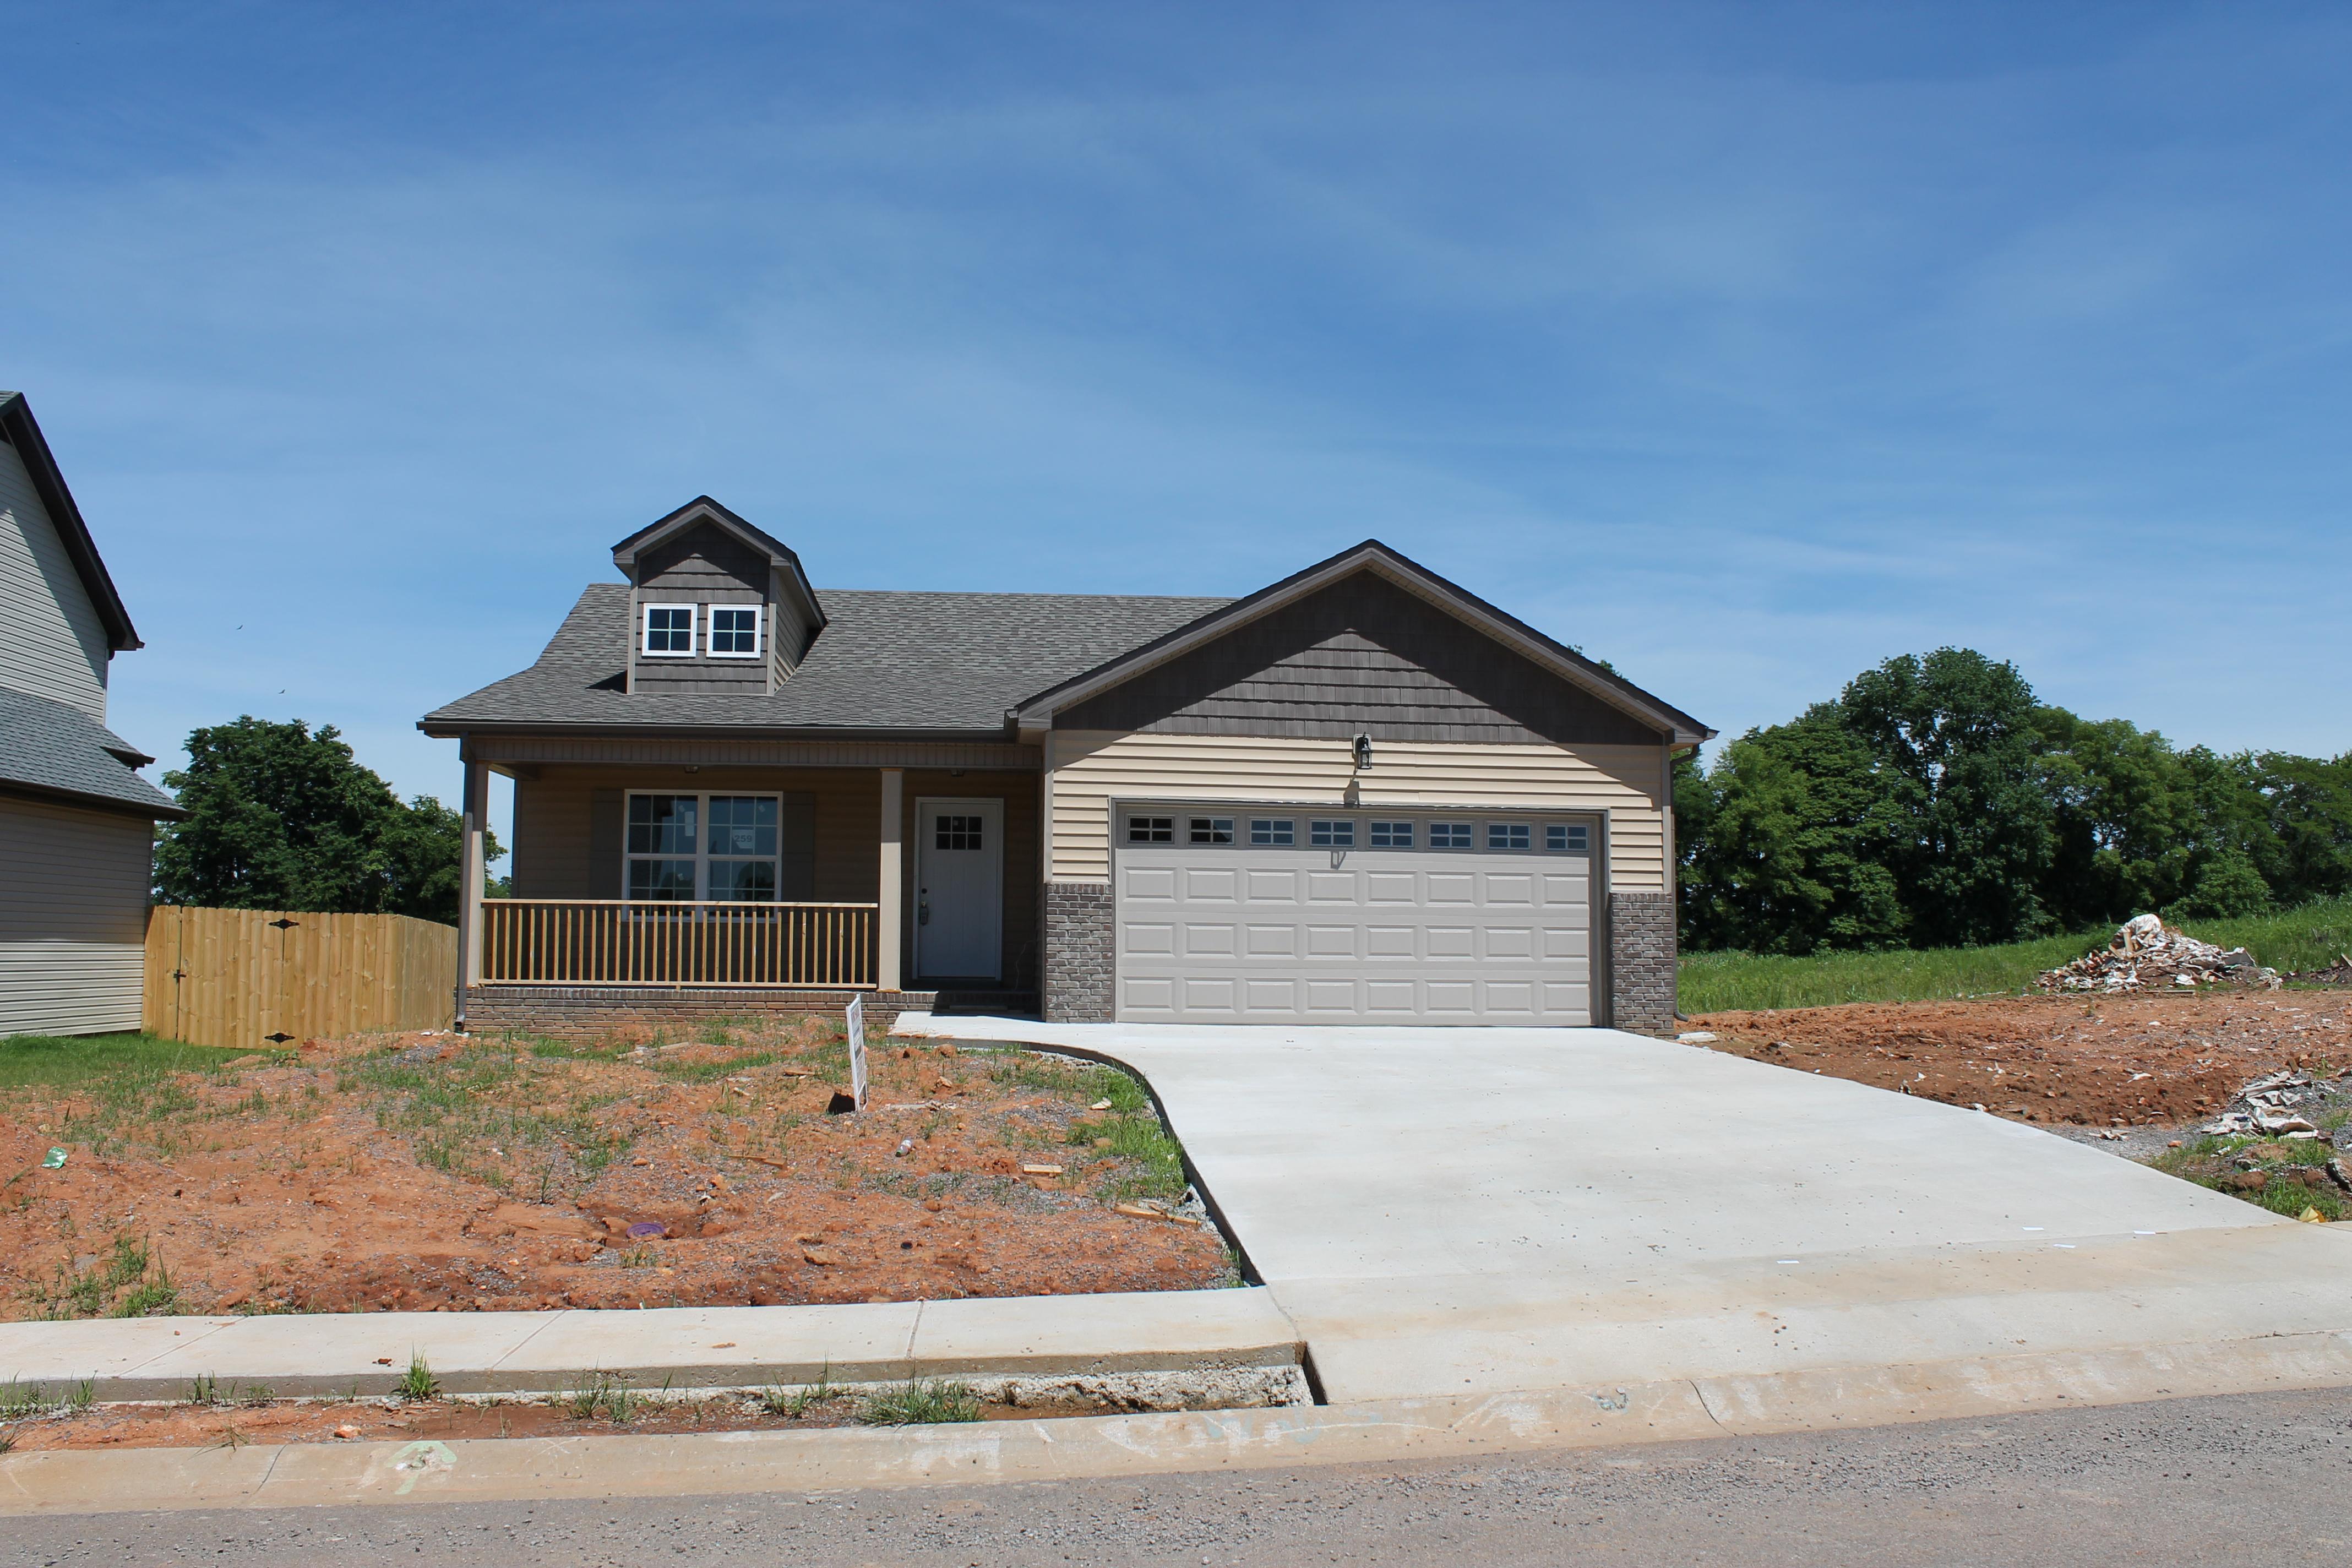 996 Dwight Eisenhower Way Clarksville, TN 37042